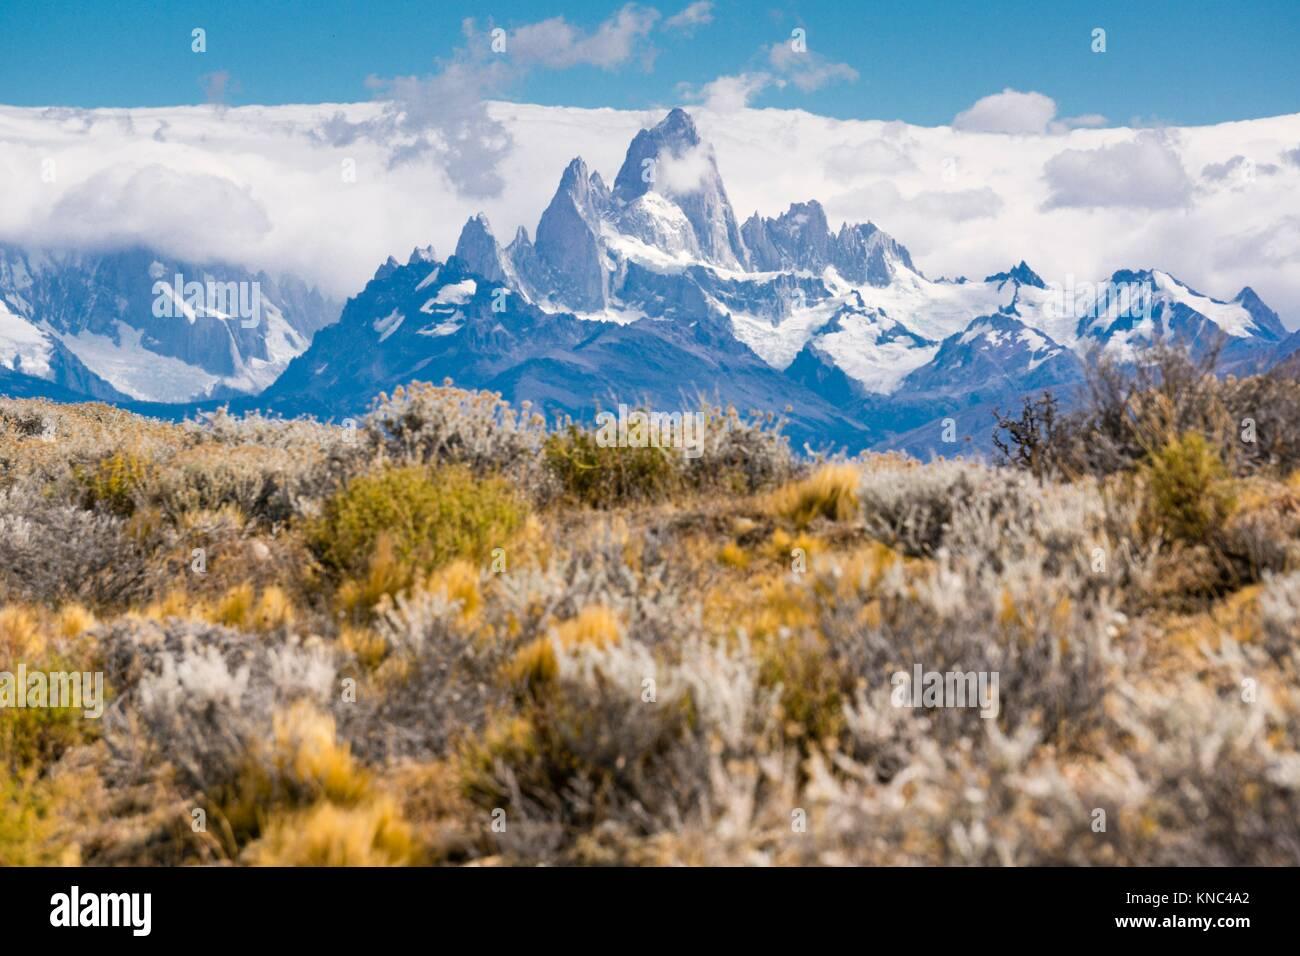 Monte Fitz Roy - Cerro Chaltén -, 3405 metropolitane, Parque Nacional Los Glaciares, Patagonia, Argentina. Immagini Stock